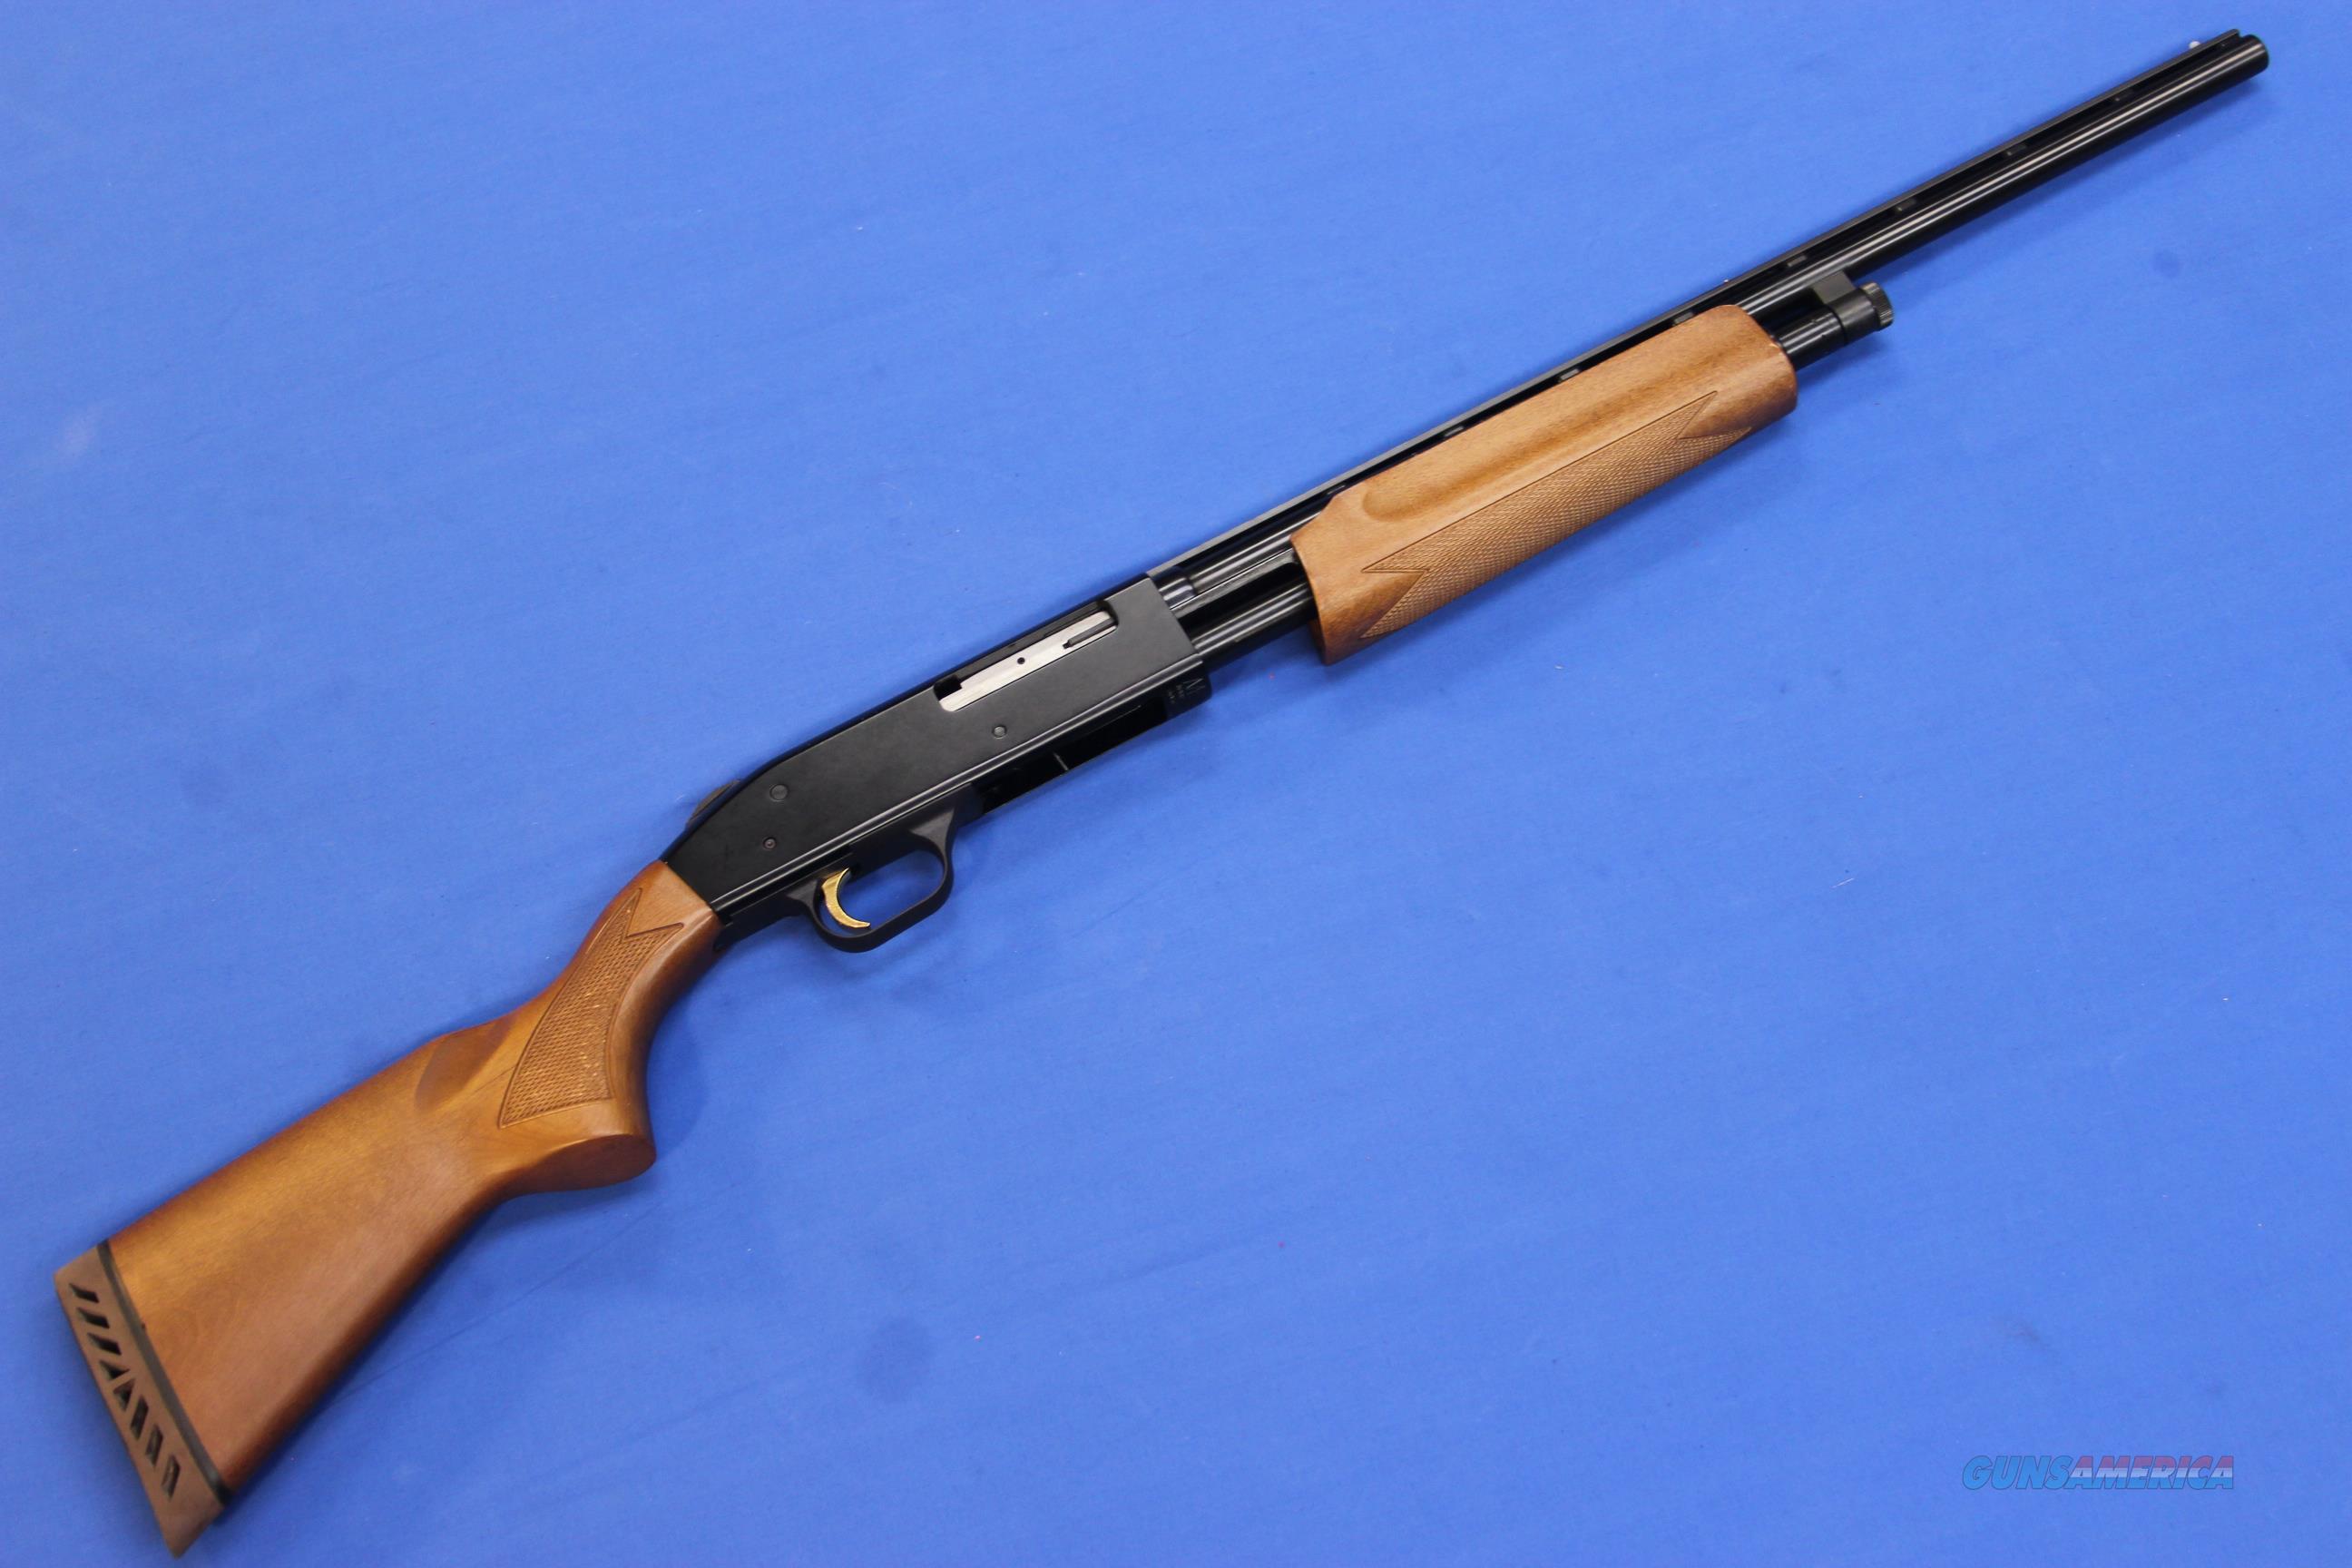 MOSSBERG 505 .410 GAUGE PUMP ACTION SHOTGUN for sale  MOSSBERG 505 .4...